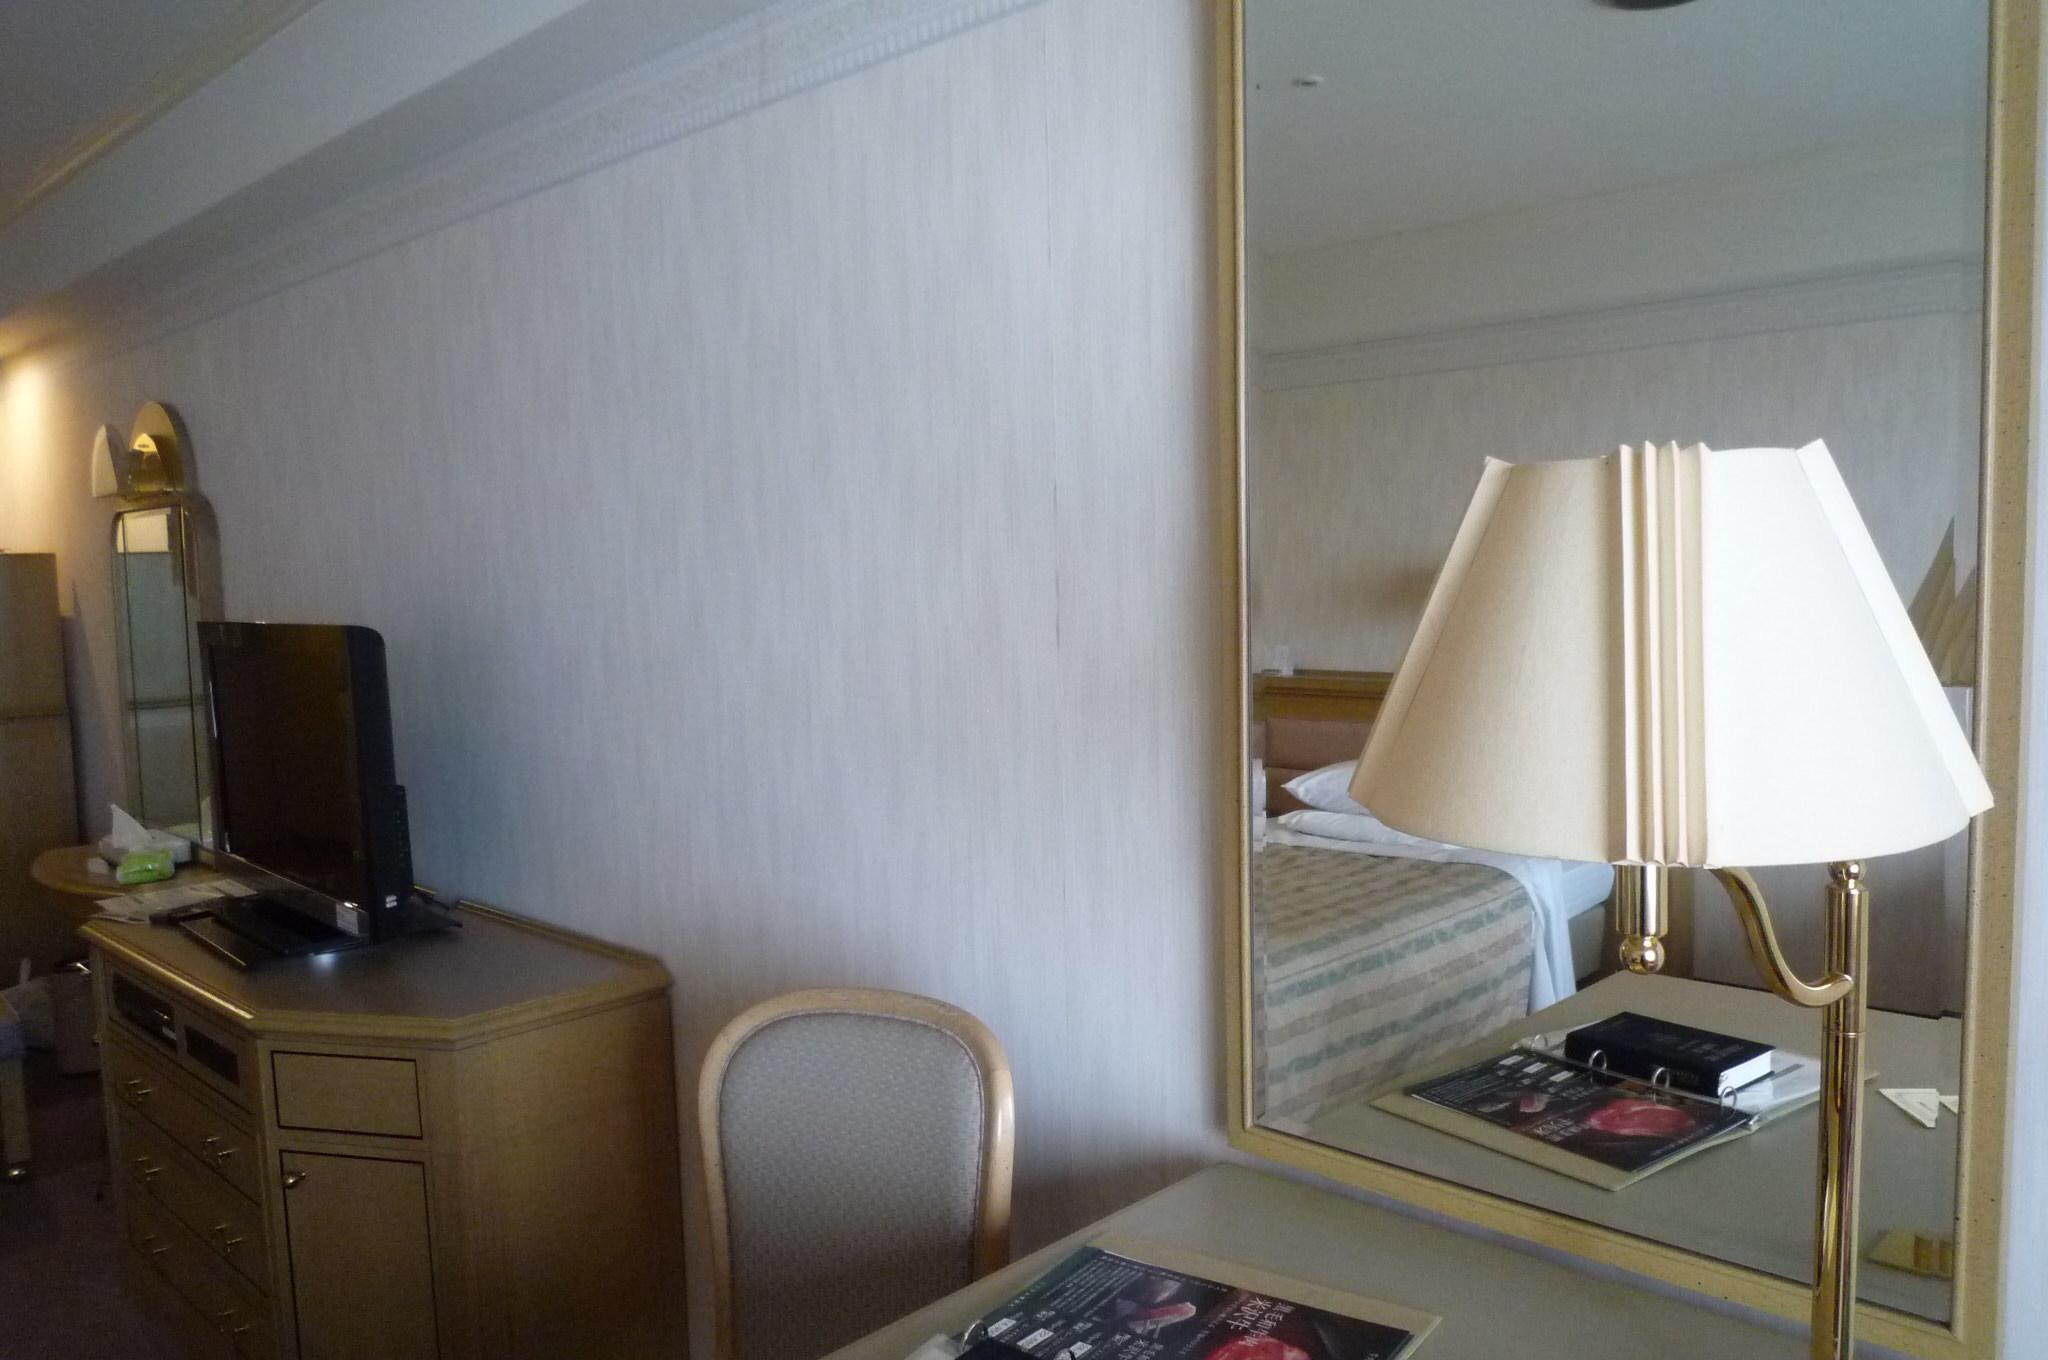 ホテルリステル猪苗代 _c0332287_19042753.jpg